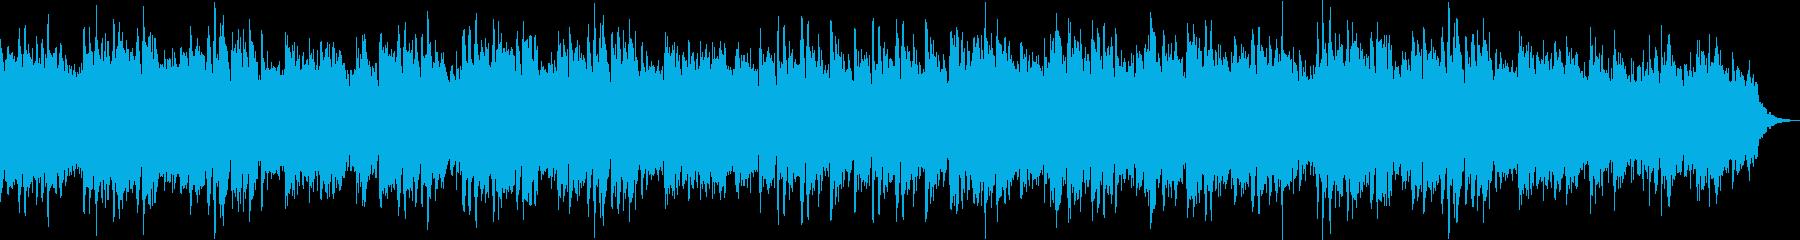 前向きになるオルゴールの再生済みの波形